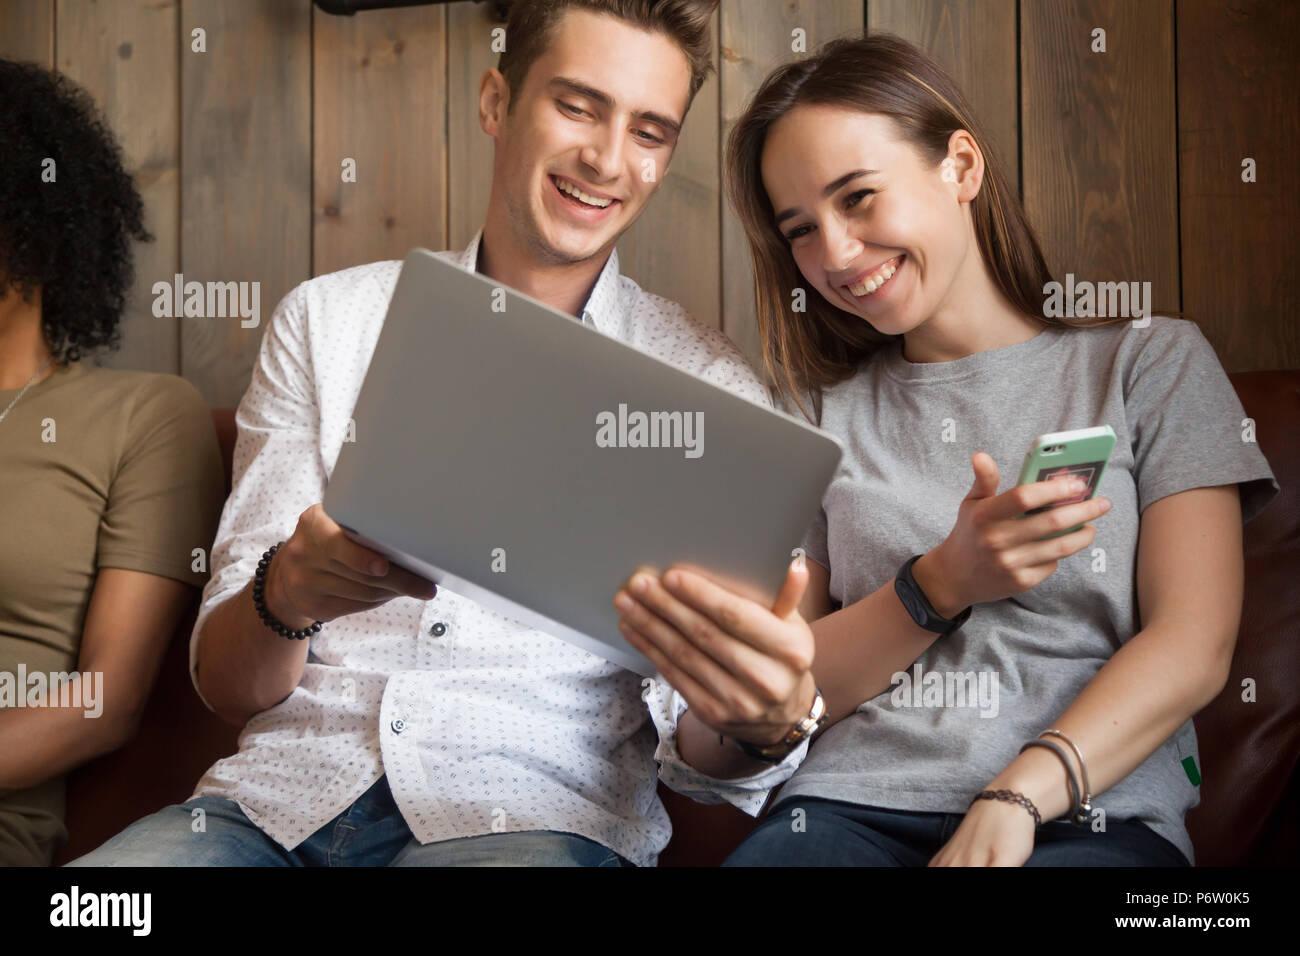 La milenaria amigos riendo en video divertido sentarse en el cafe toget Imagen De Stock